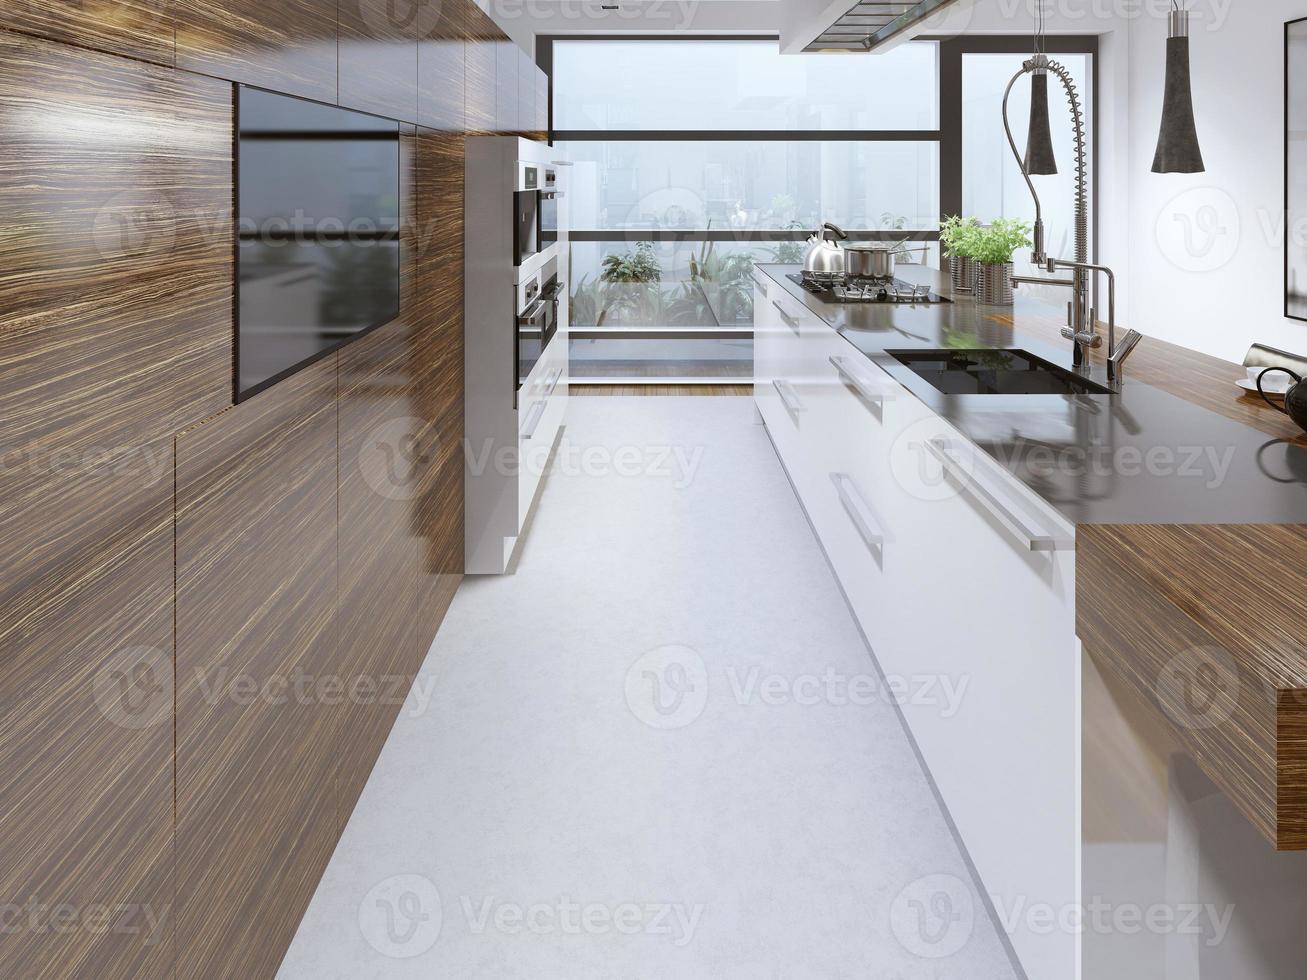 cuisine moderne conçue par la beauté photo